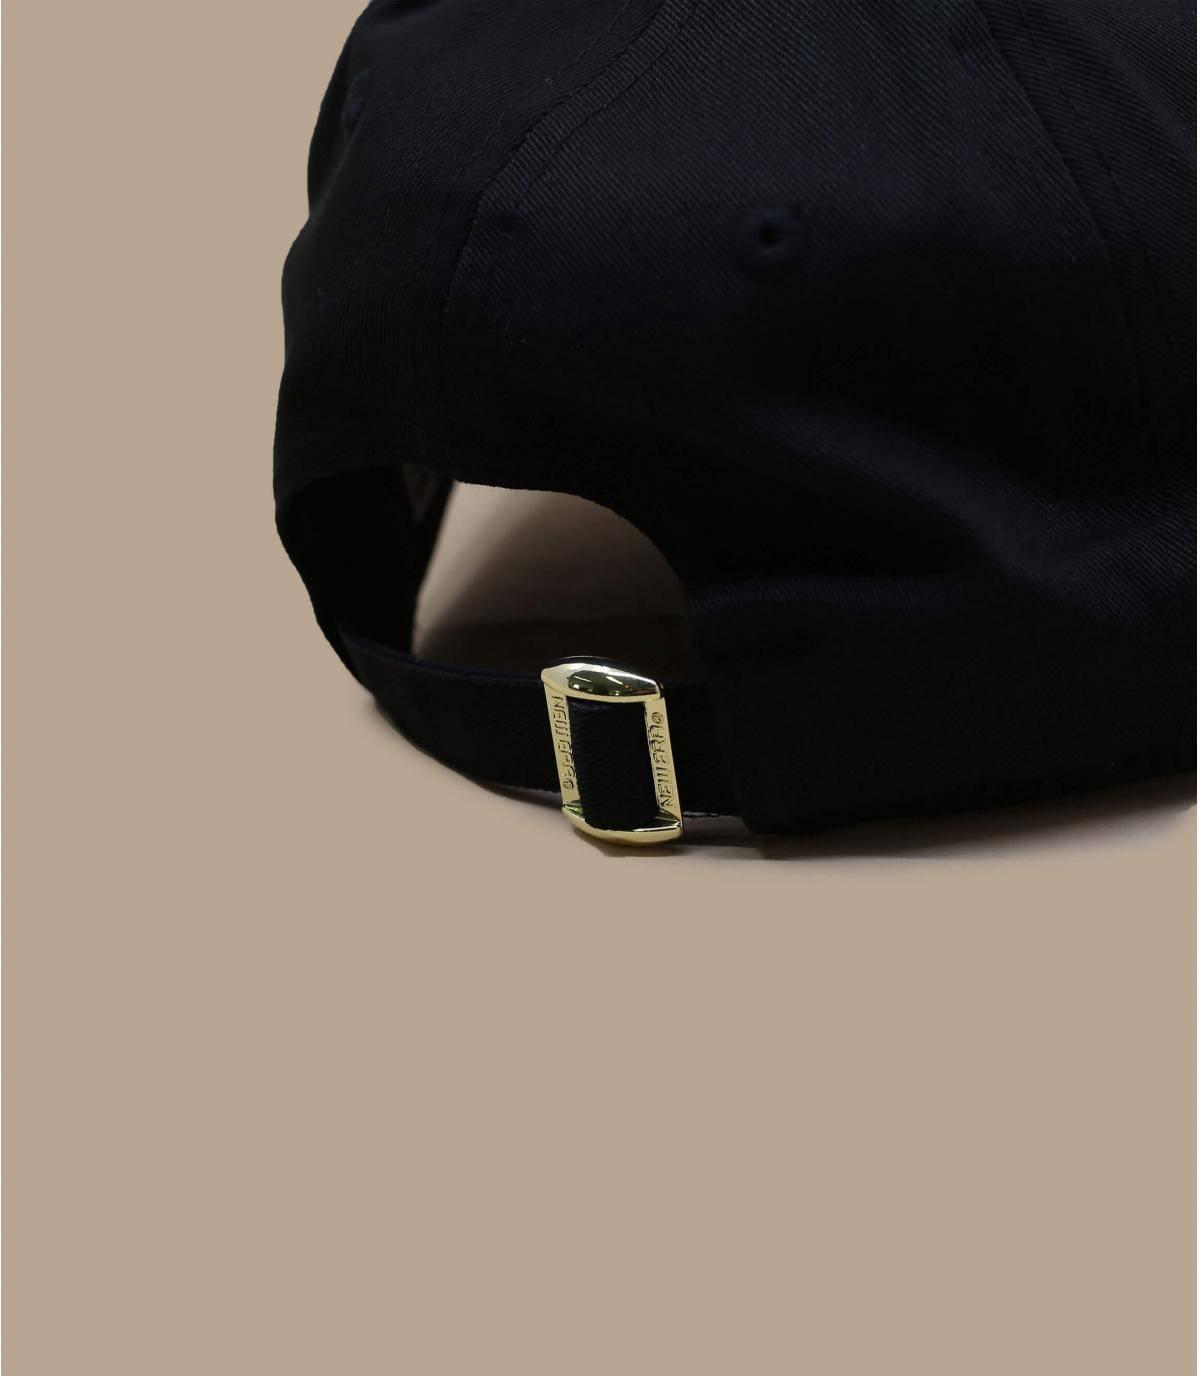 Détails Casquette Wmns Metallic 940 NY black gold - image 4